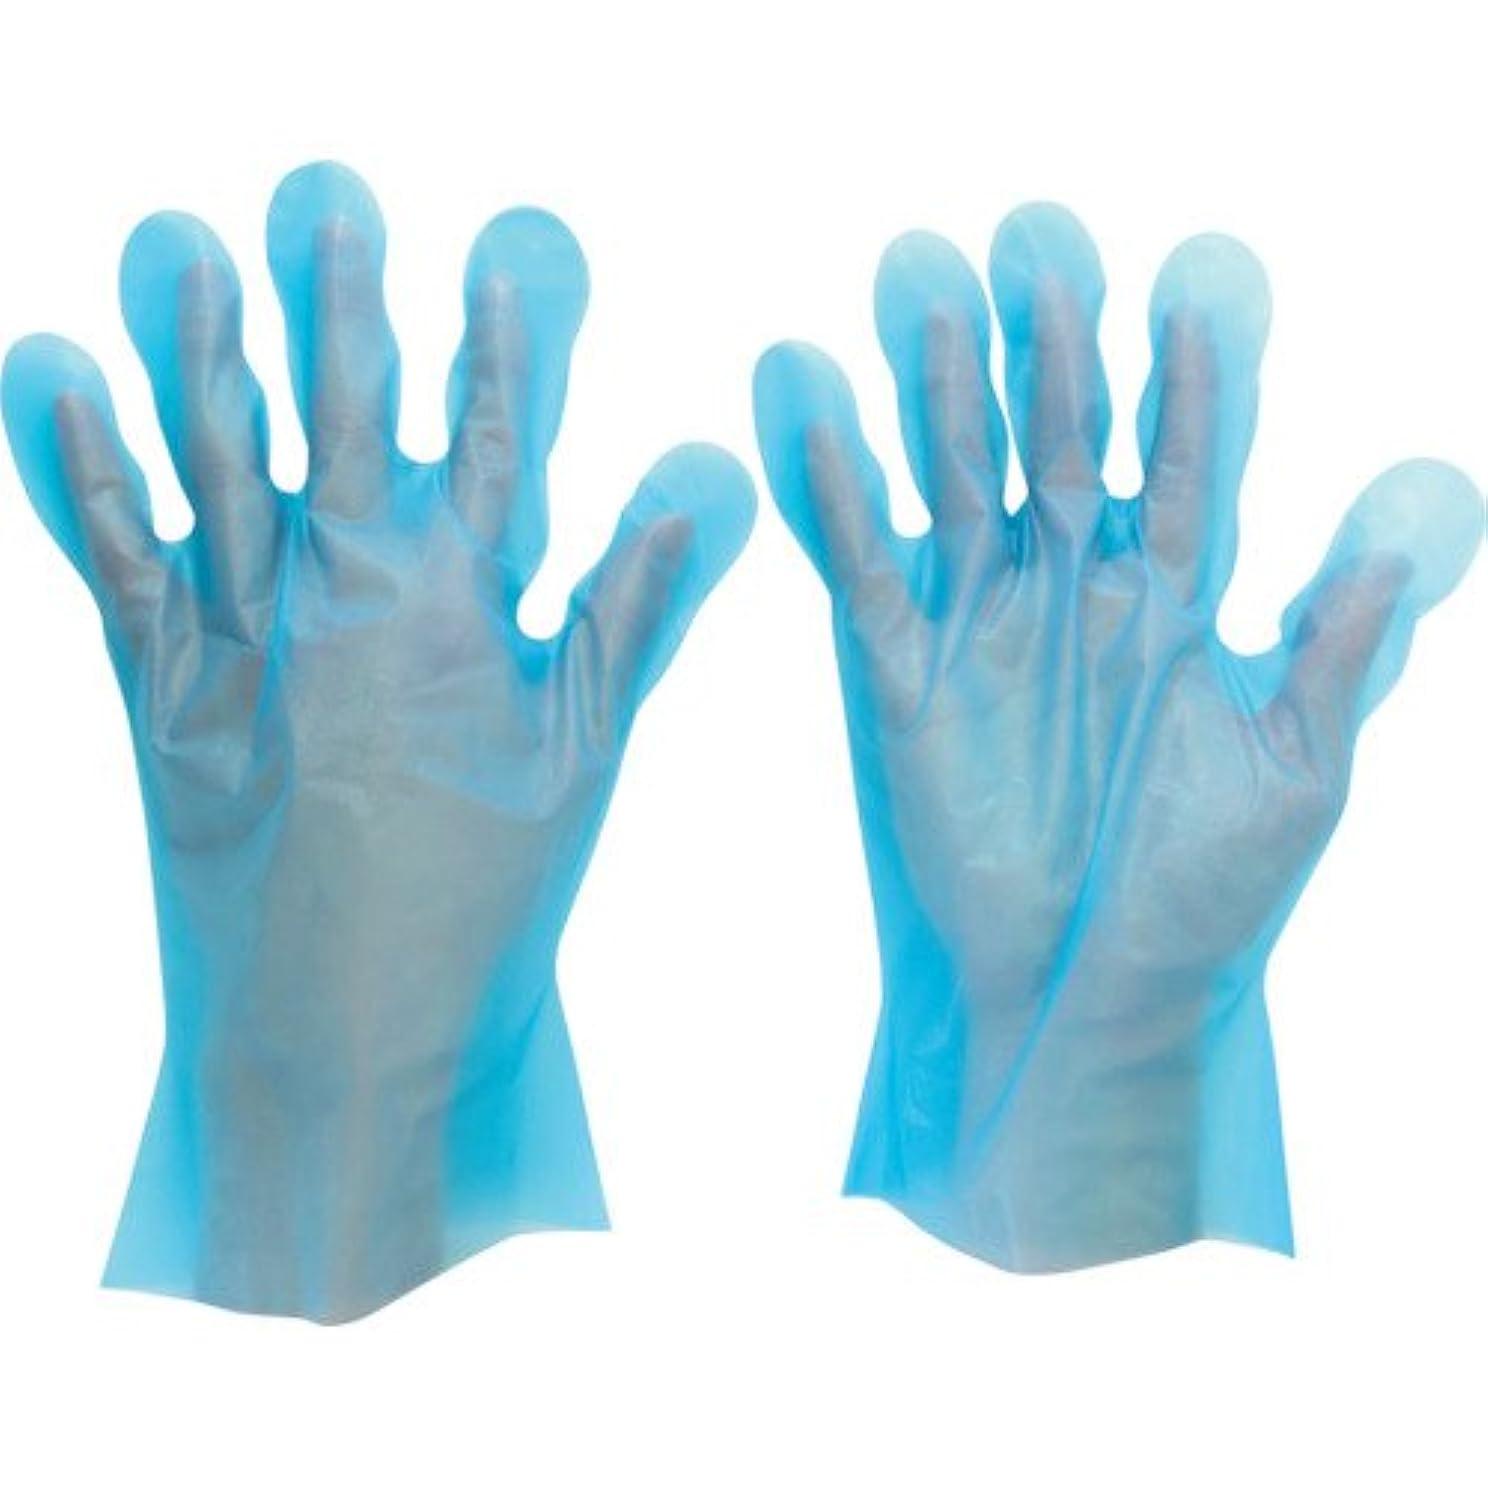 バルブ皮肉な剪断ミドリ安全 ポリエチレンディスポ手袋 ベルテ572 200枚入 SS(入数:200枚) VERTE-572-SS